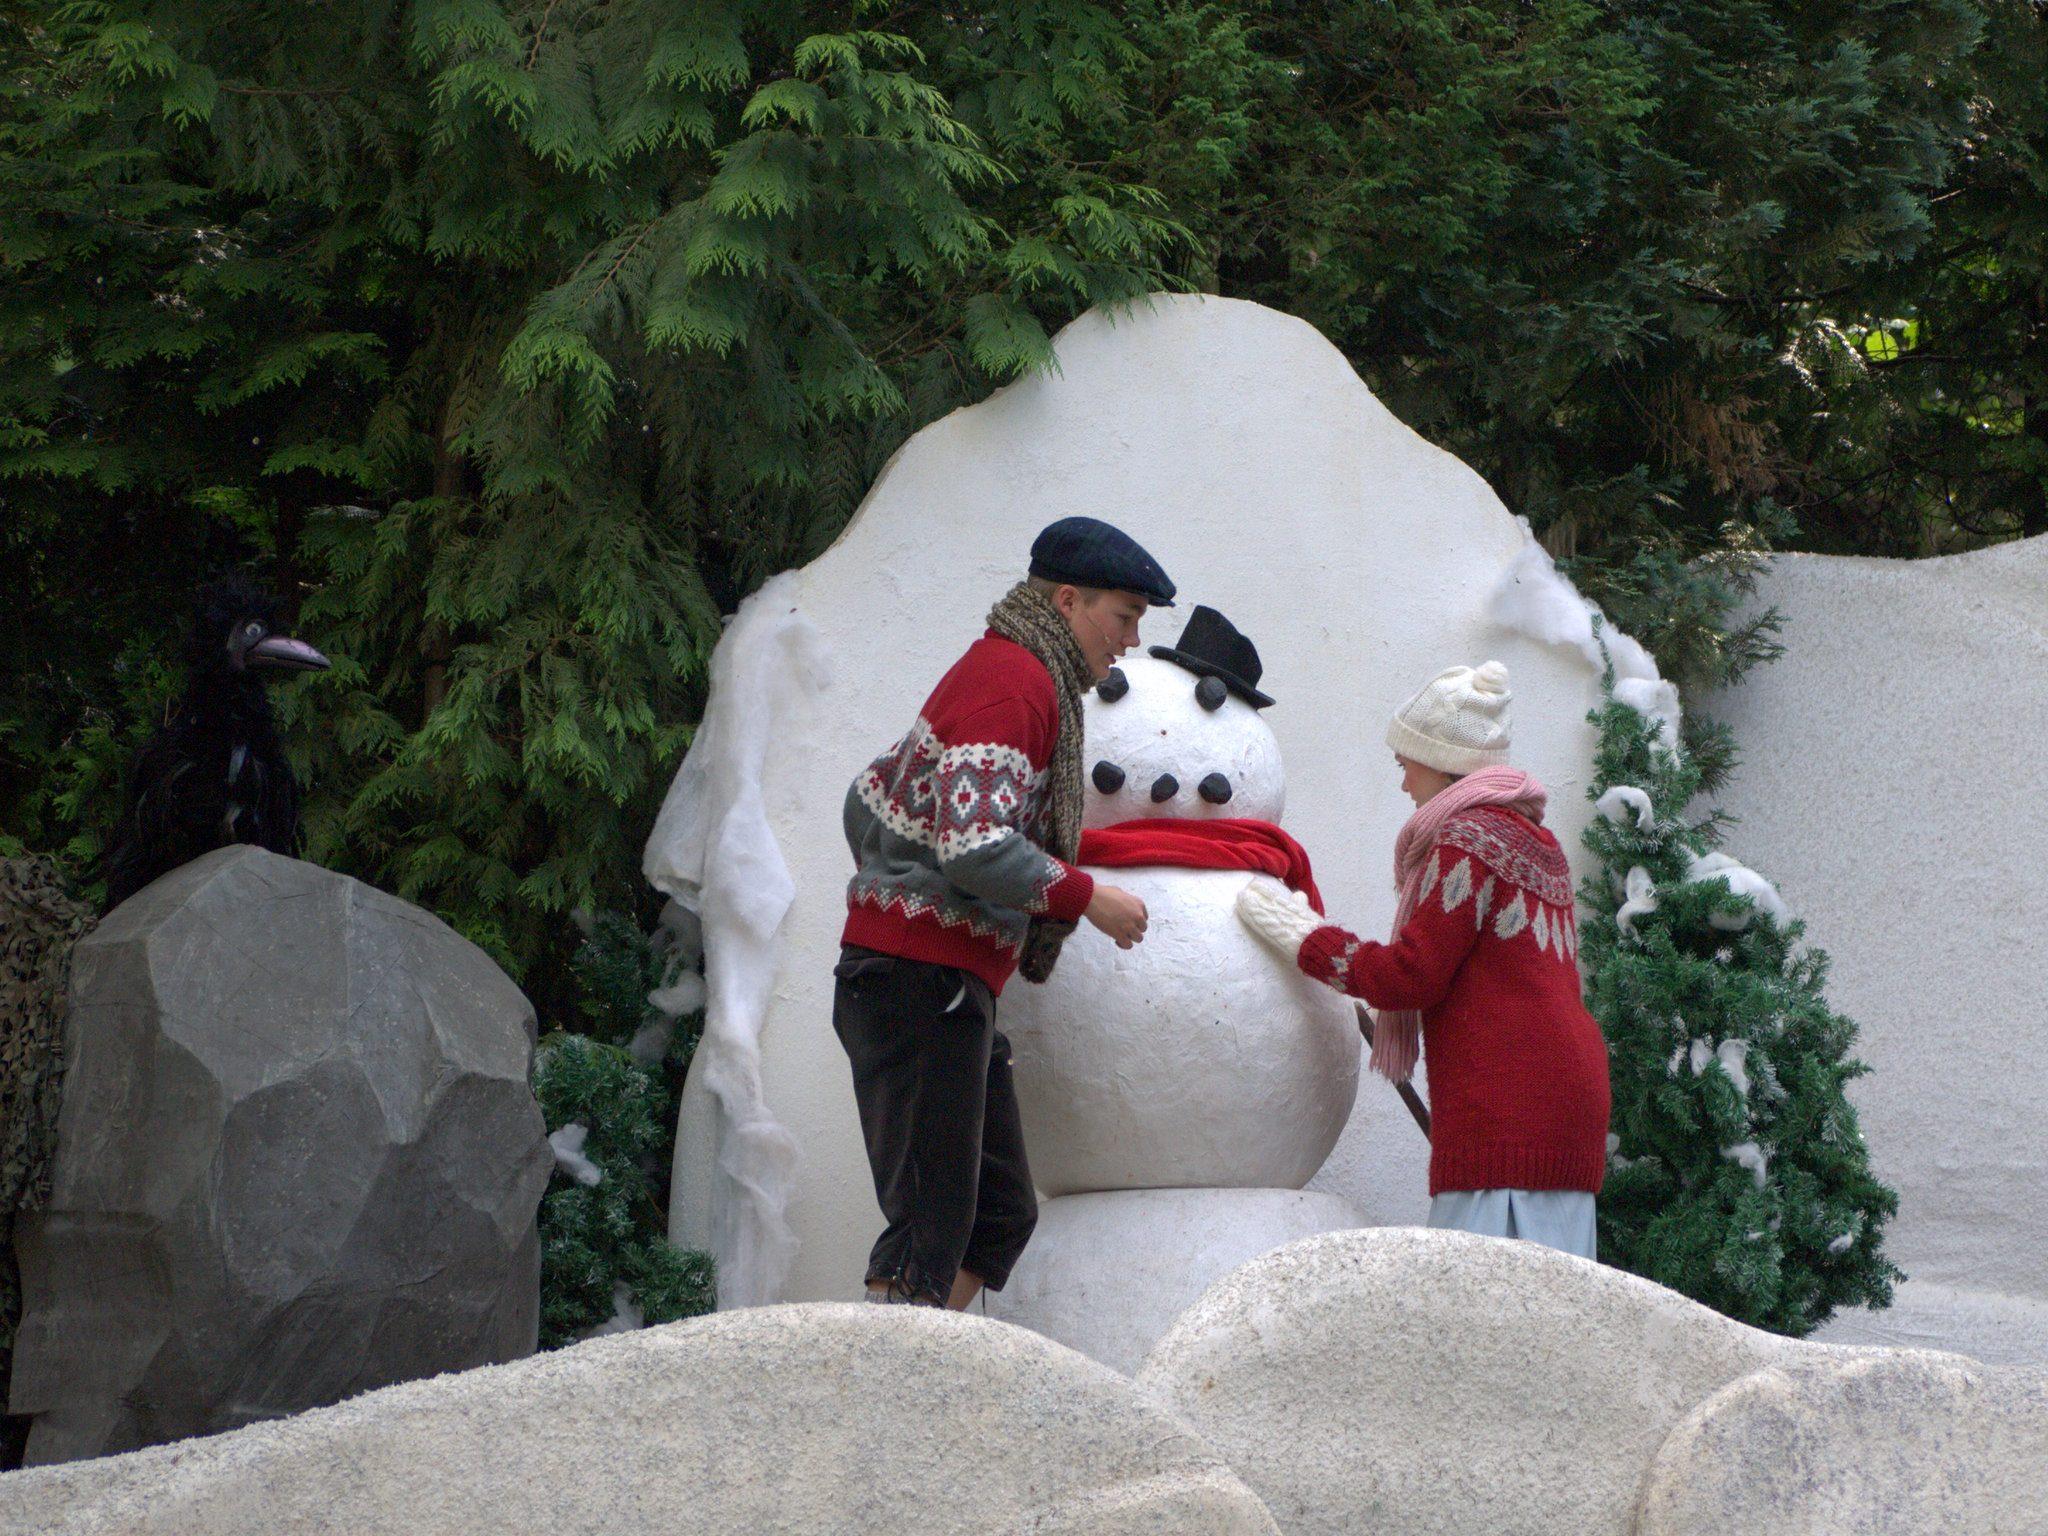 Da muss ein Schneemann her!